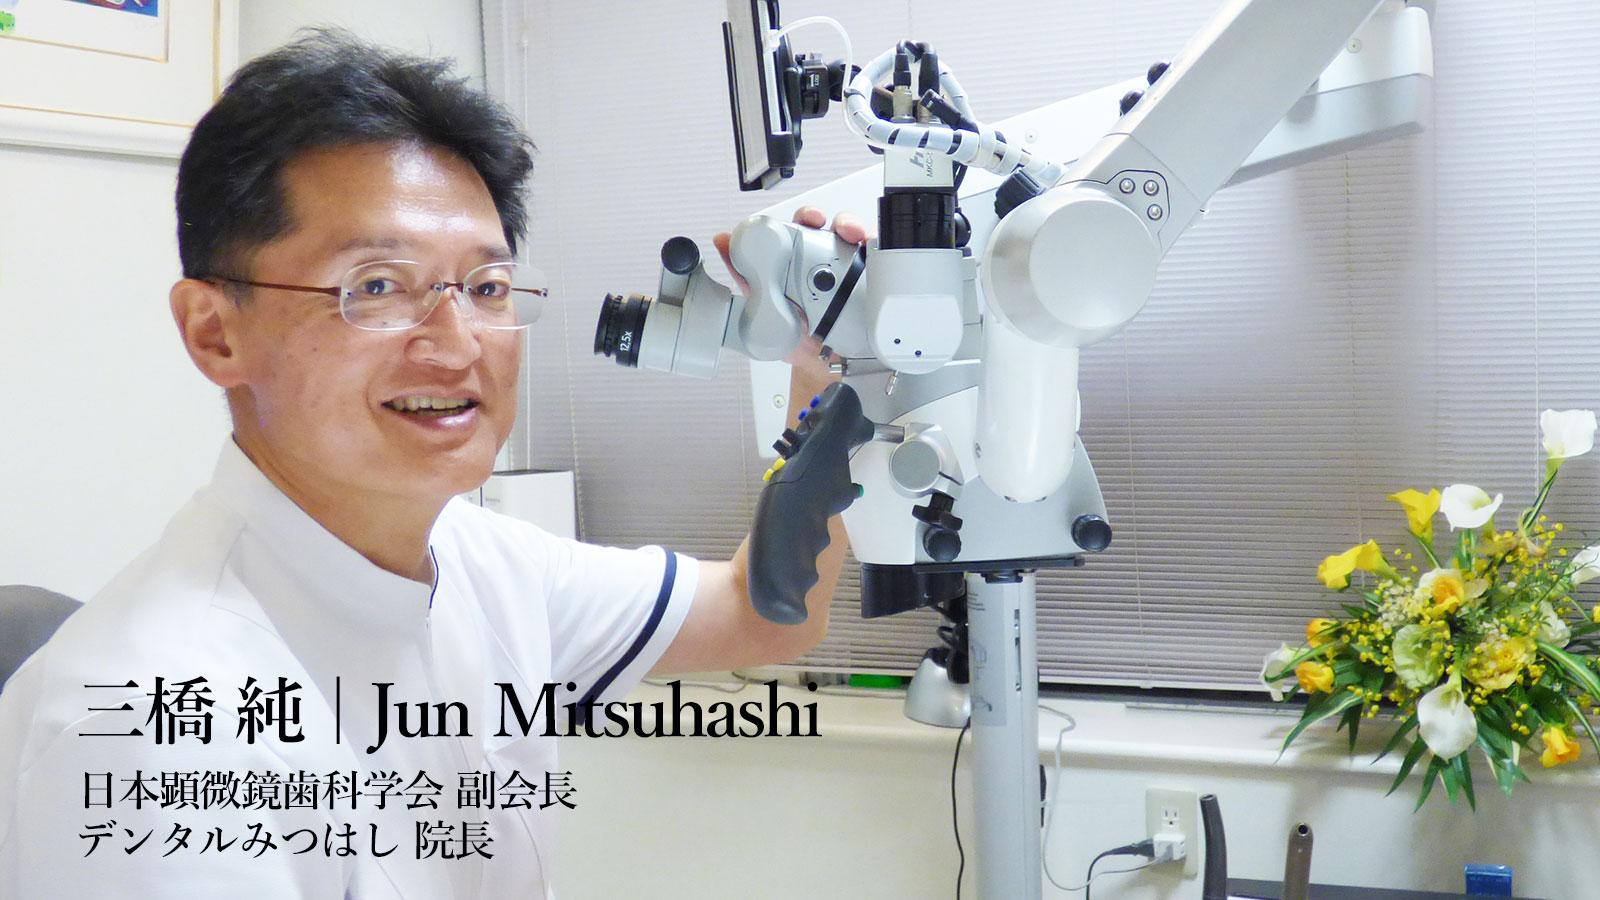 三橋純先生『顕微鏡歯科治療に魅せらせて』の画像です